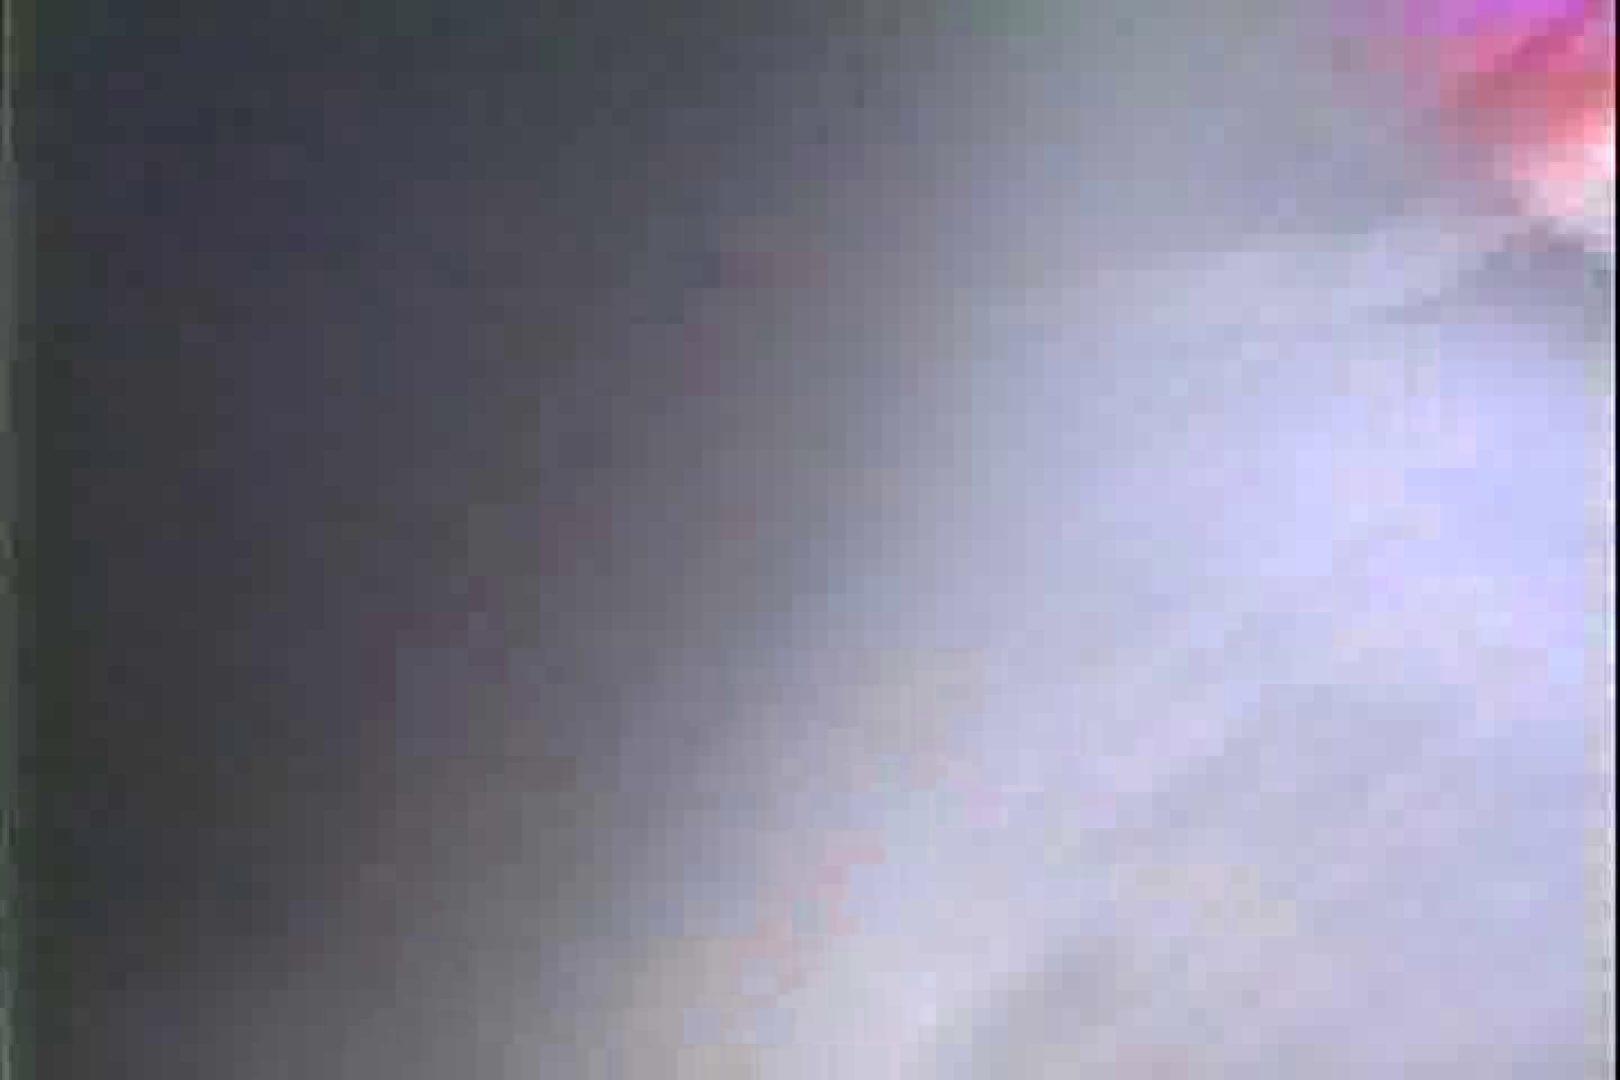 「ちくりん」さんのオリジナル未編集パンチラVol.6_01 盗撮特集 AV動画キャプチャ 73画像 71